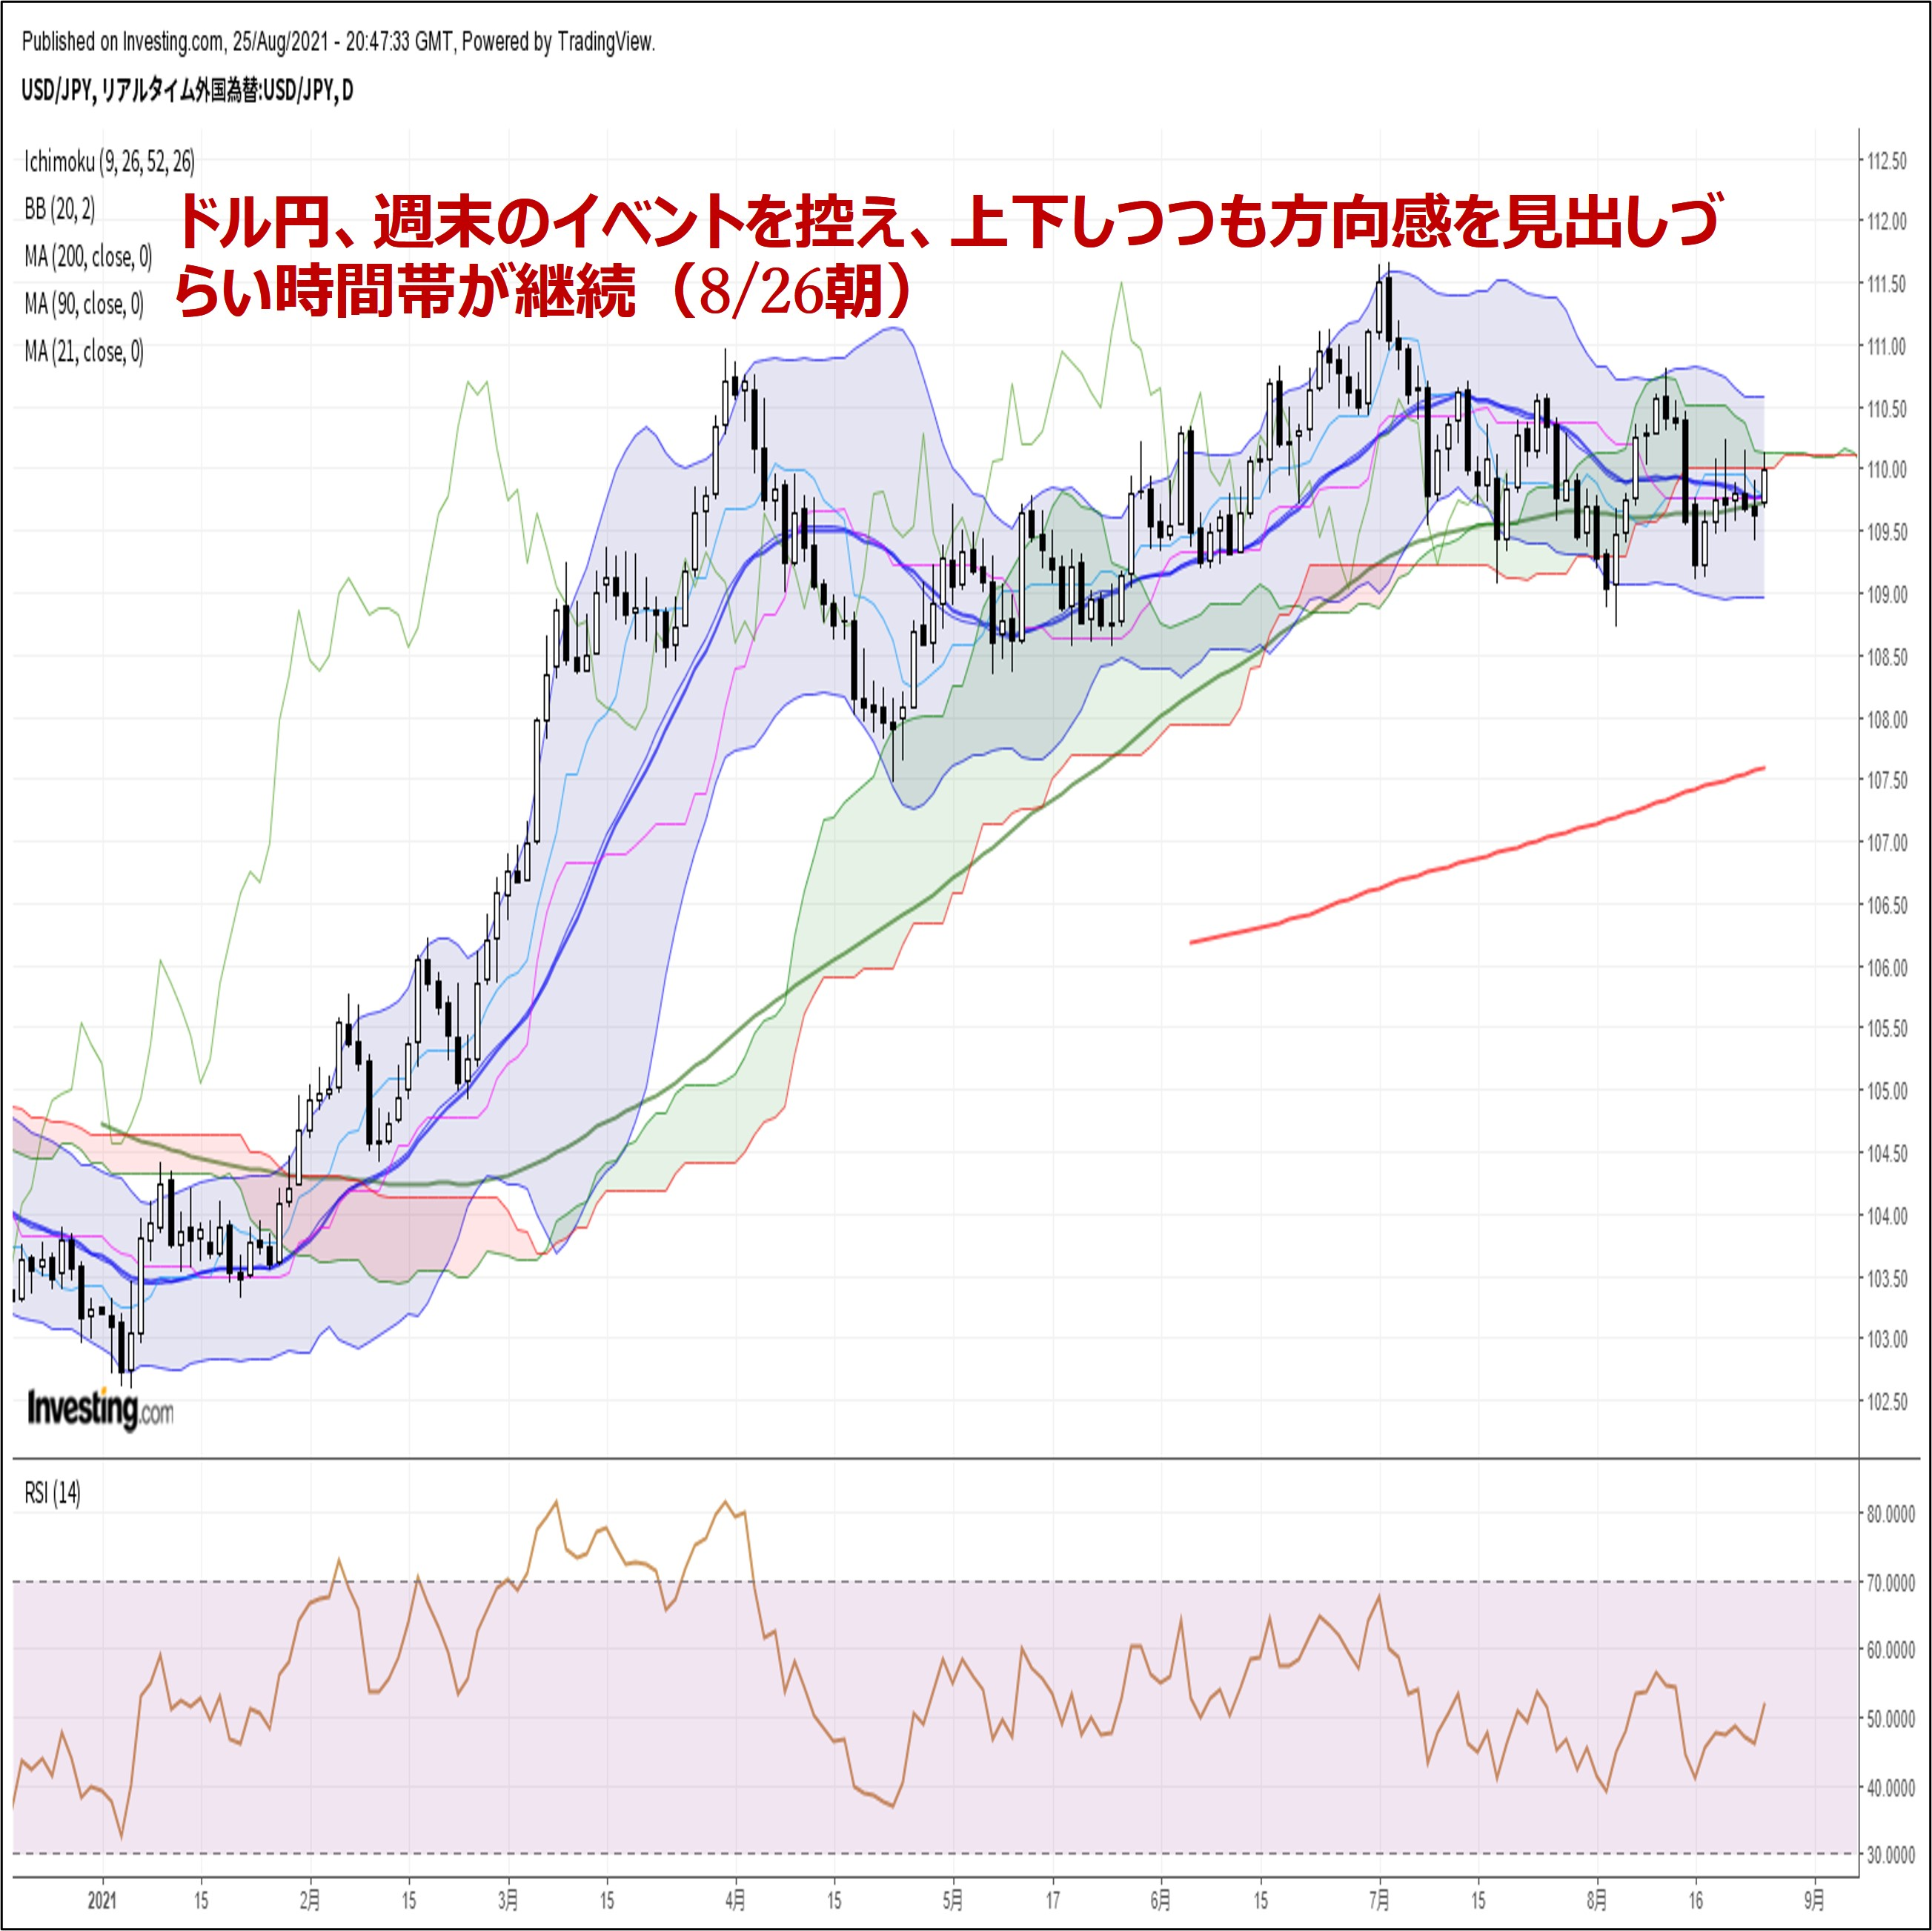 ドル円、週末のイベントを控え、上下しつつも方向感を見出しづらい時間帯が継続